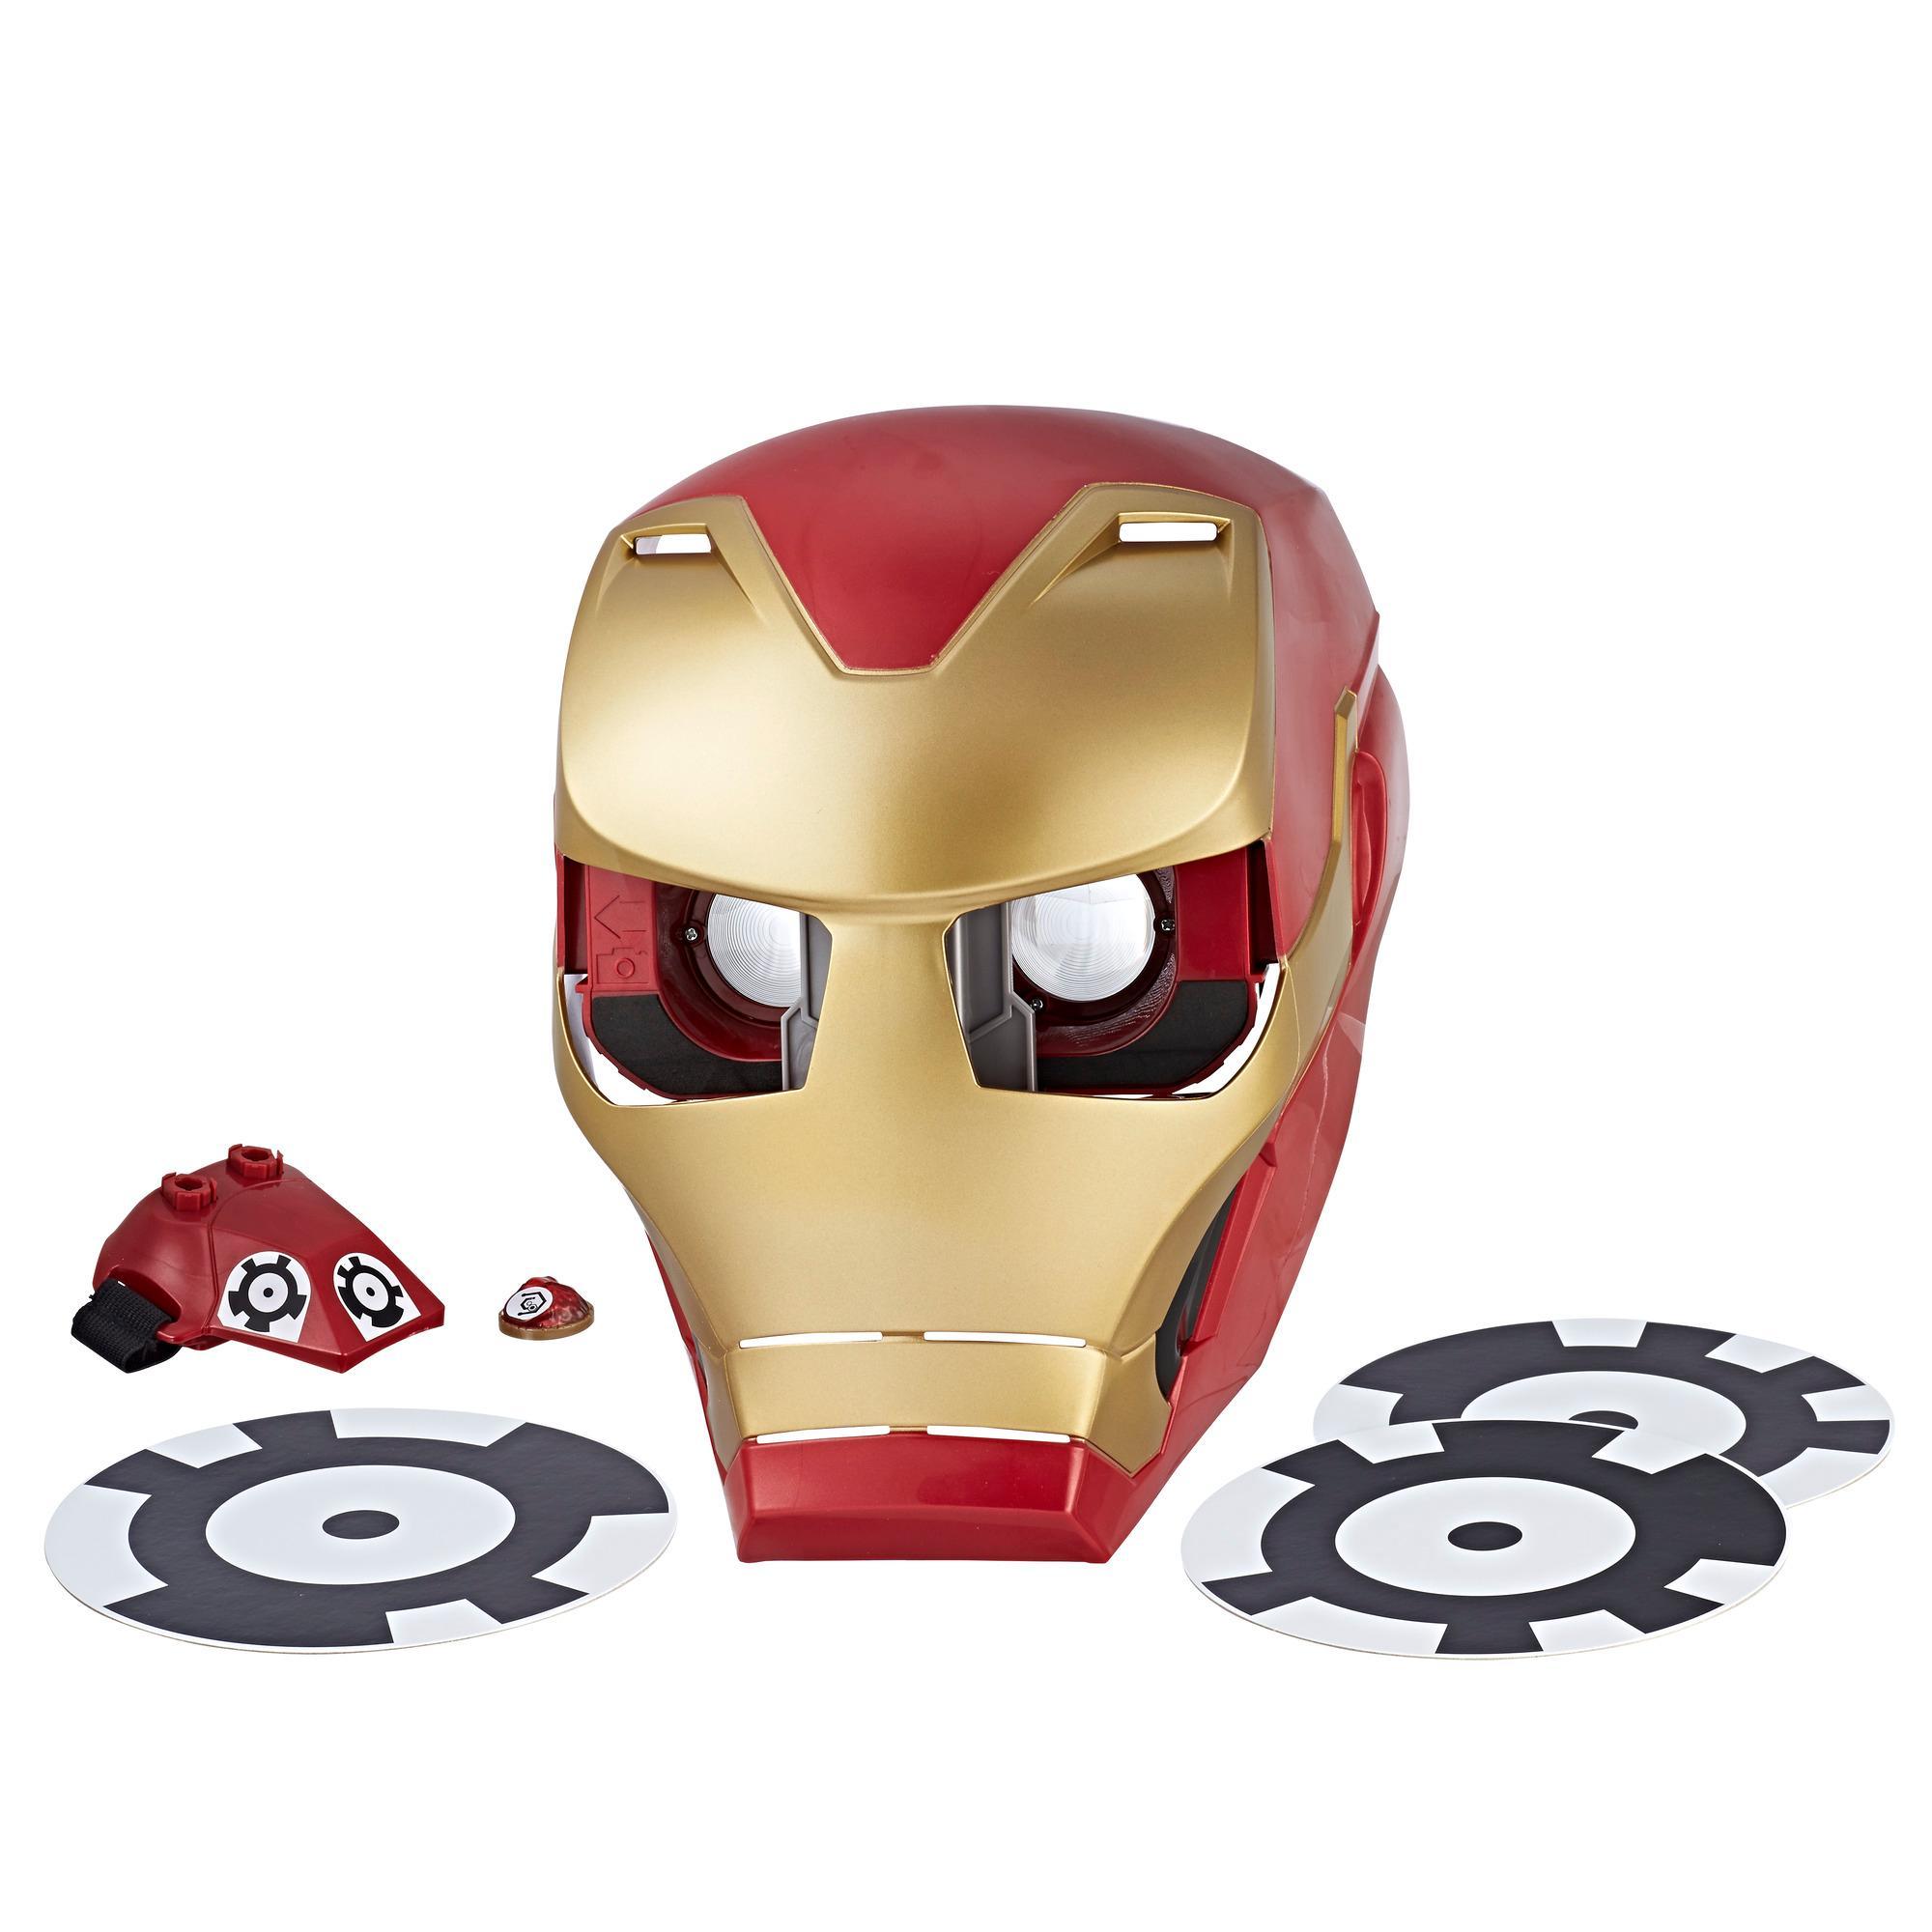 Marvel Avengers: Guerra del Infinito - Hero Vision Iron Man Experiencia RA